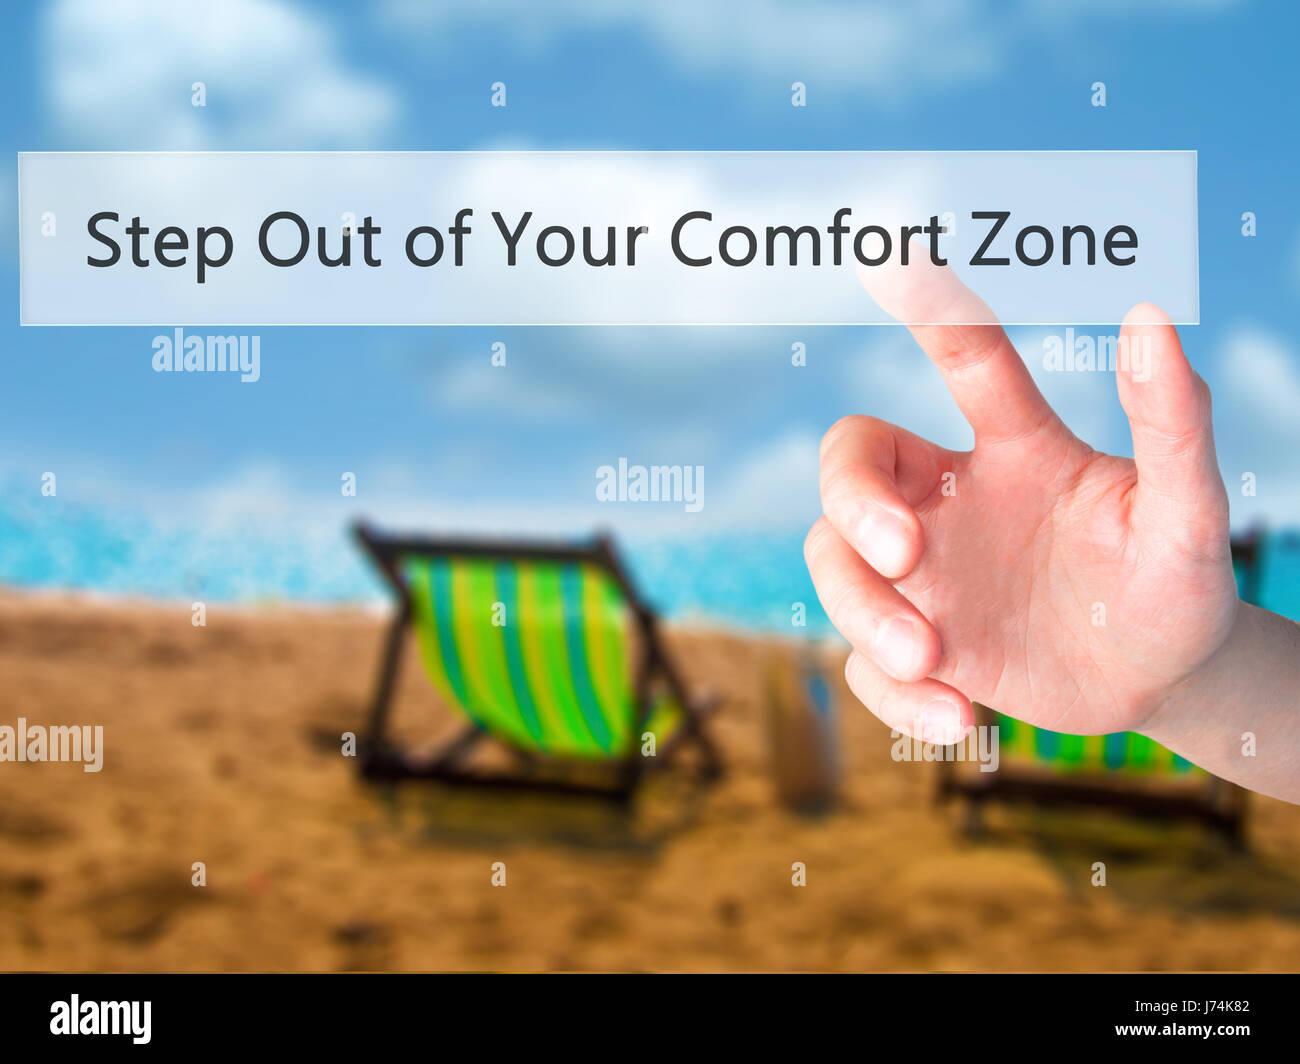 Passo al di fuori della vostra zona di comfort - Mano premendo un pulsante sul fondo sfocato concetto . Business, tecnologia internet concetto. Stock Photo Foto Stock